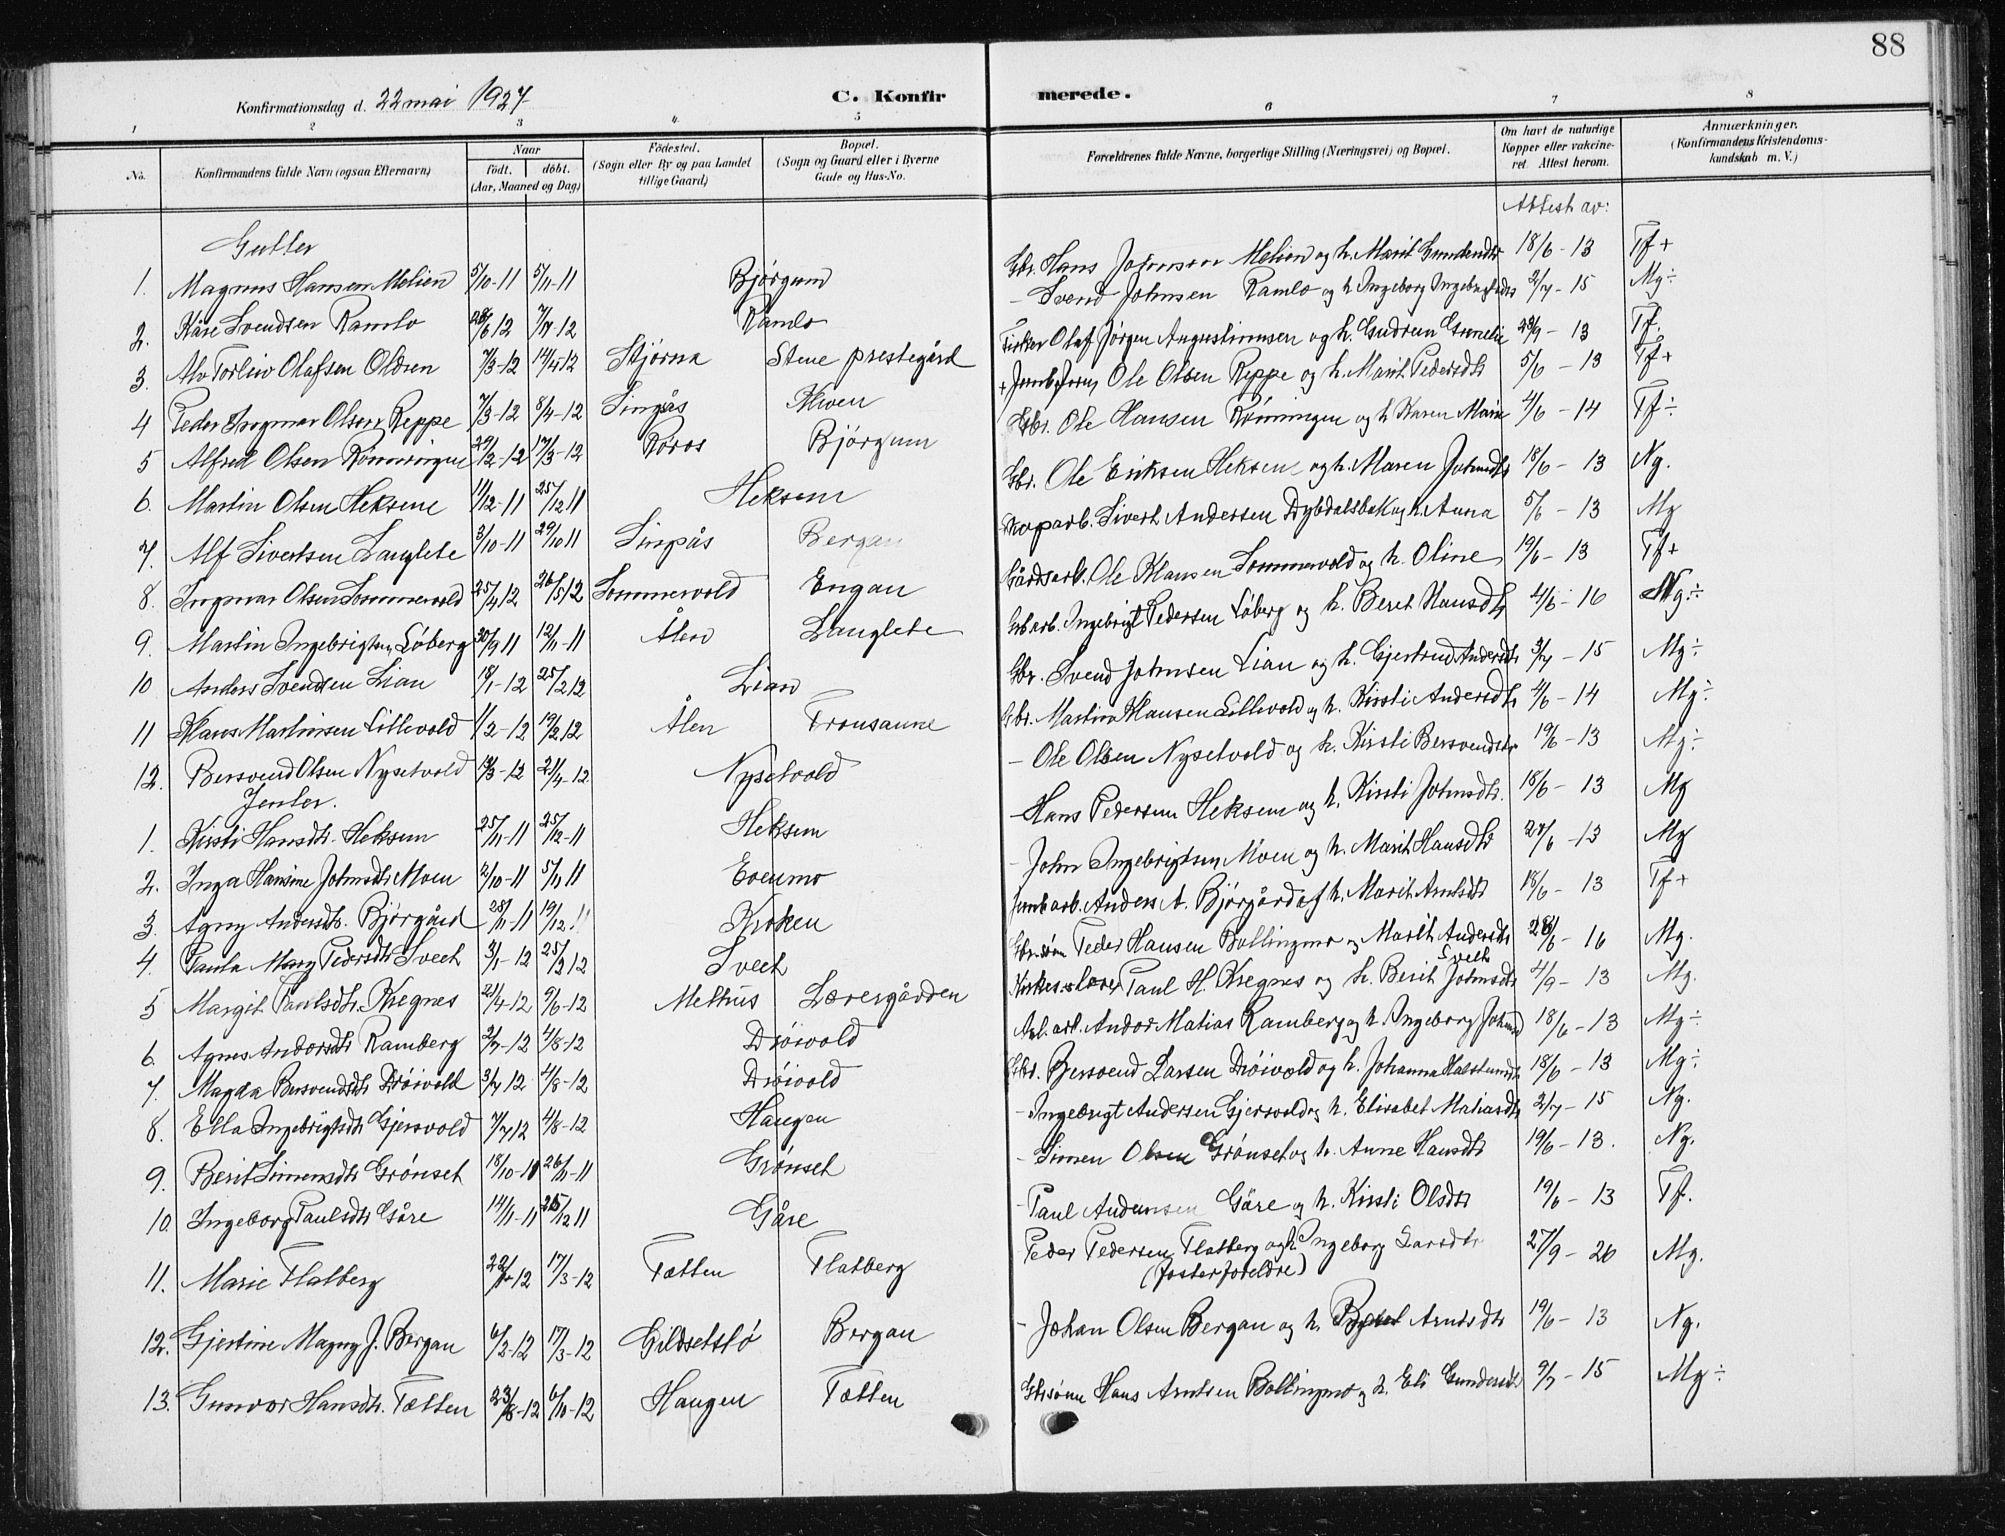 SAT, Ministerialprotokoller, klokkerbøker og fødselsregistre - Sør-Trøndelag, 685/L0979: Klokkerbok nr. 685C04, 1908-1933, s. 88